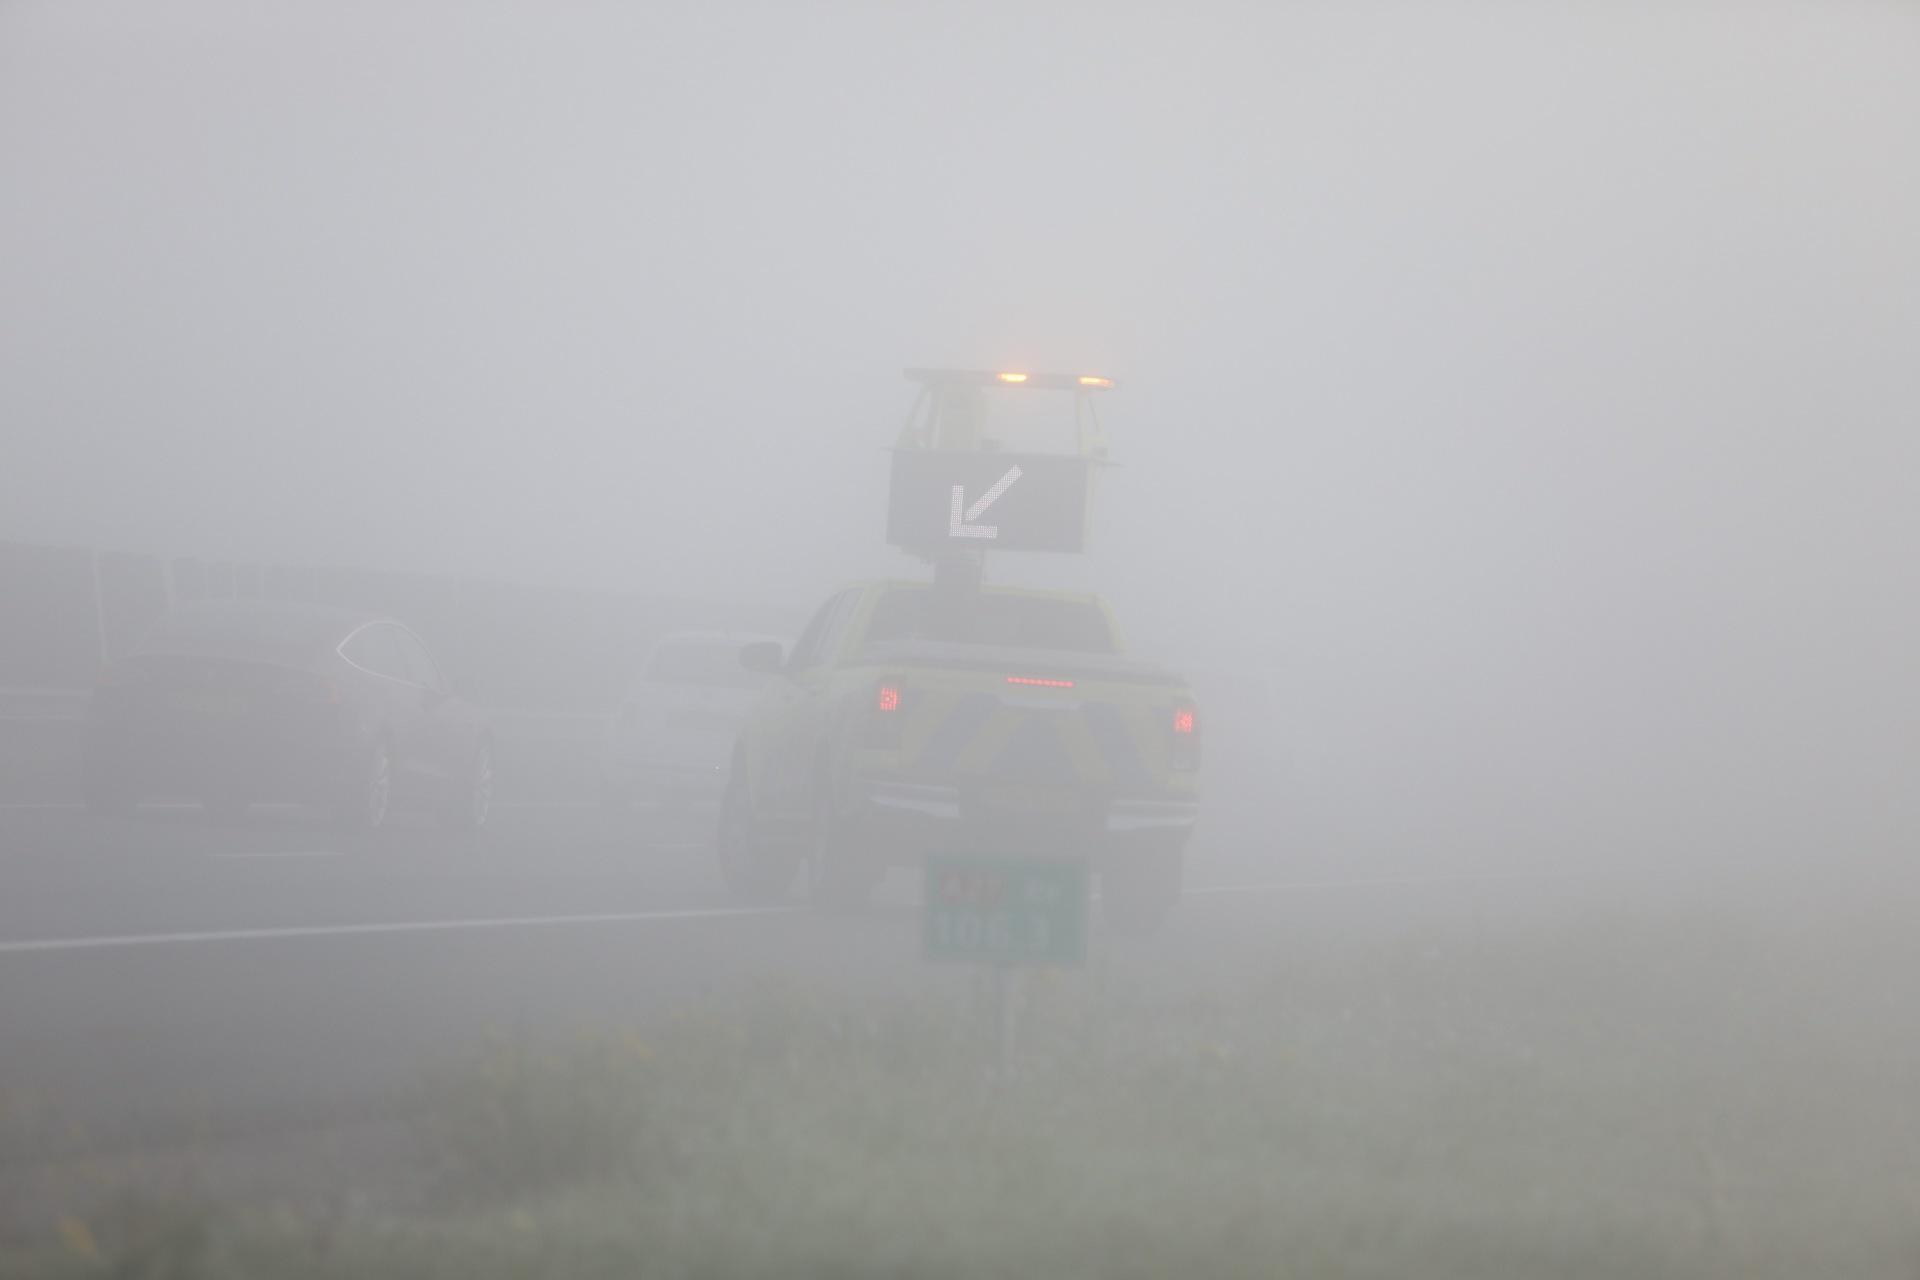 Ongeval met drie auto's op een zeer mistige A27 bij Eemnes